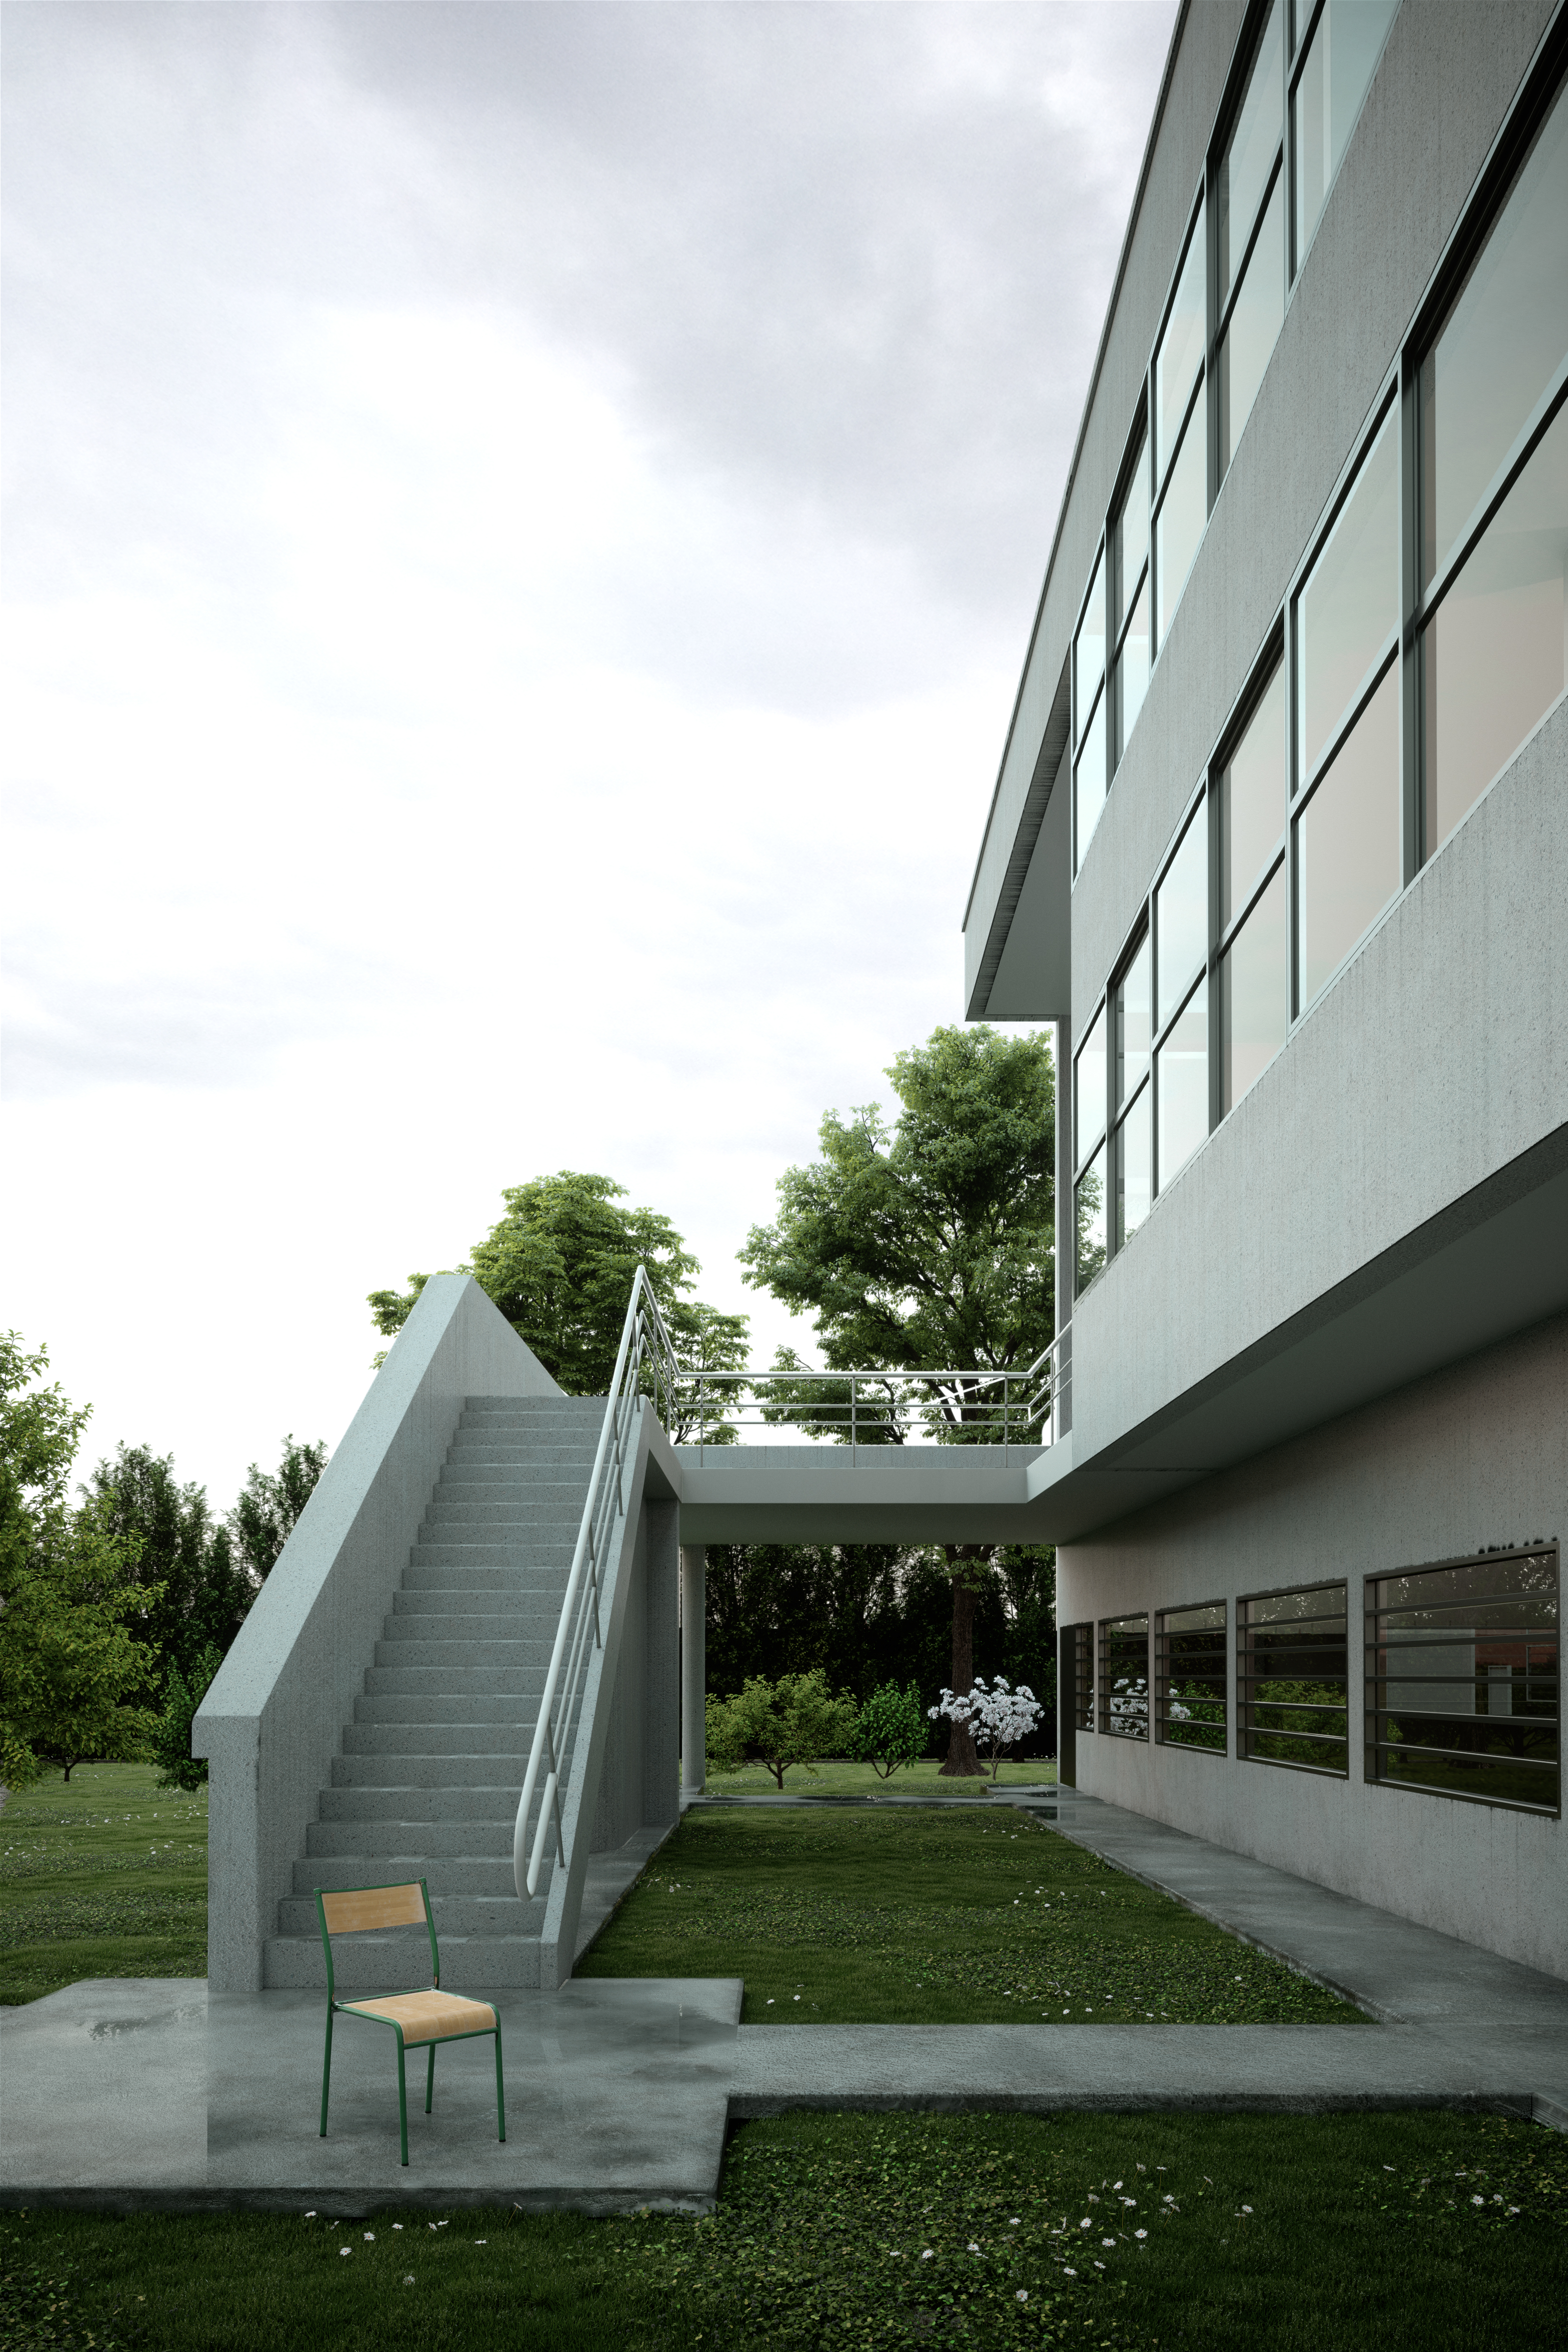 escaliers_hd